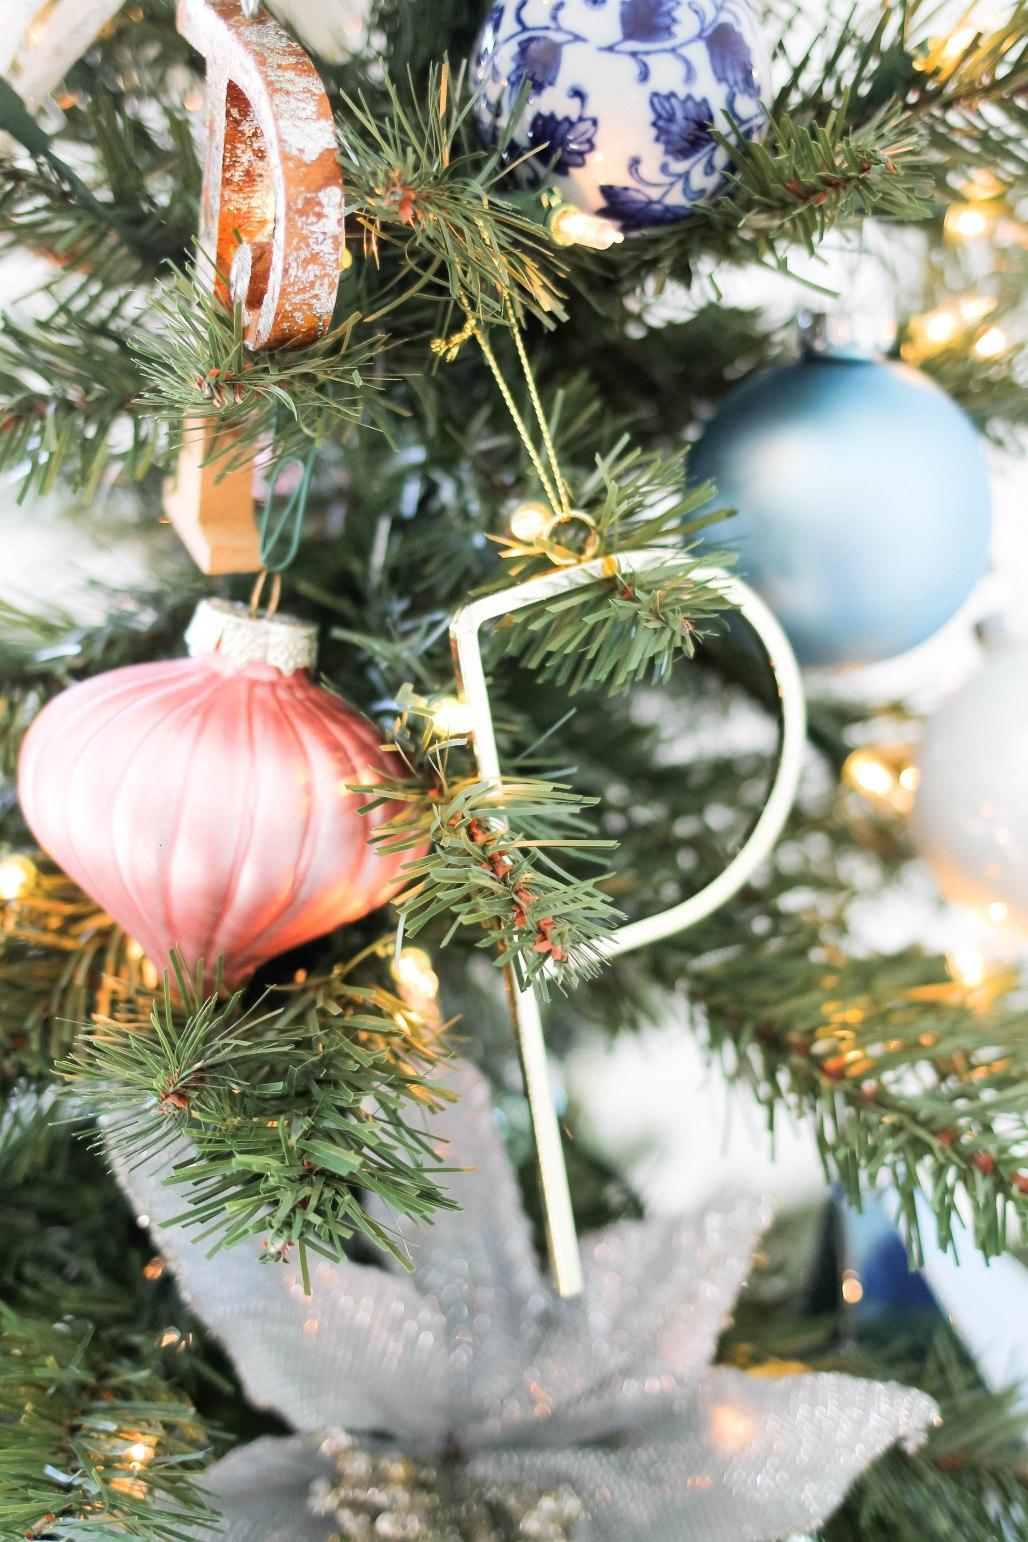 Christmas Ornaments-Holiday Home Tour 2017 - amberpizante.com